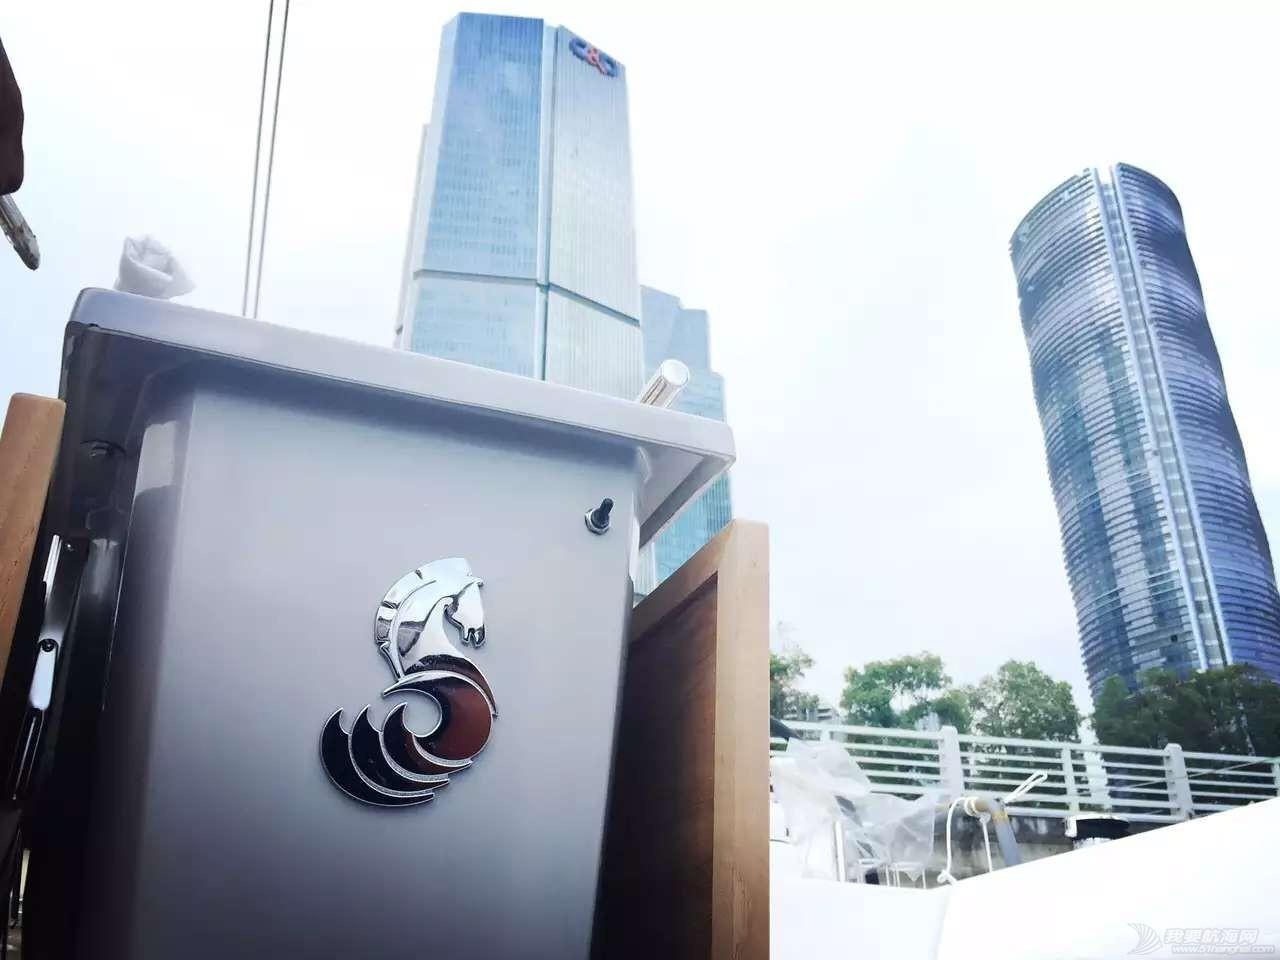 博纳多OCEANIS 45现船到港,静候未来的主人。 779843019799650247.jpg